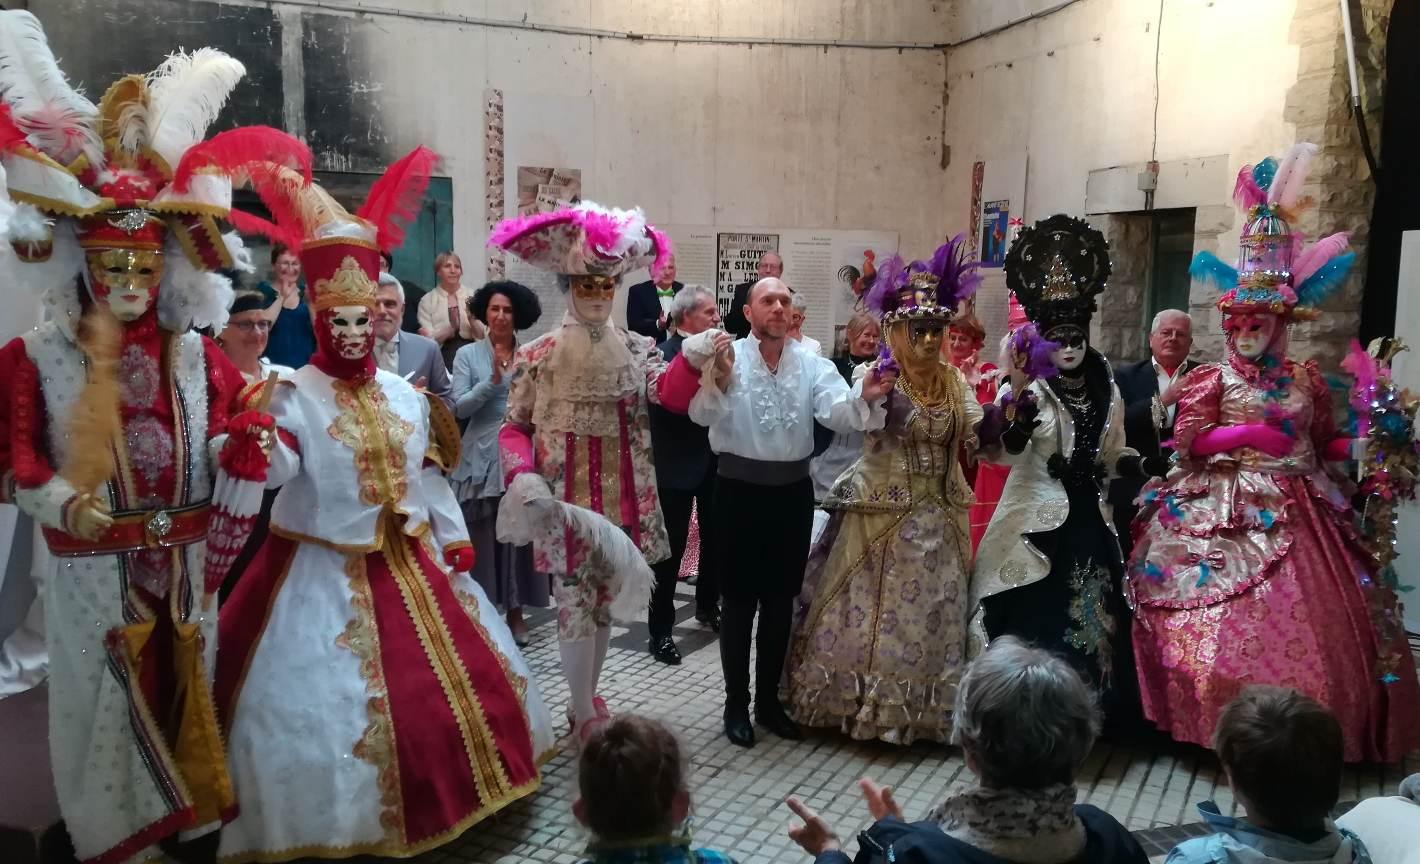 Cambo : un Festival pluvieux et heureux à Arnaga pour la Nuit des Musées